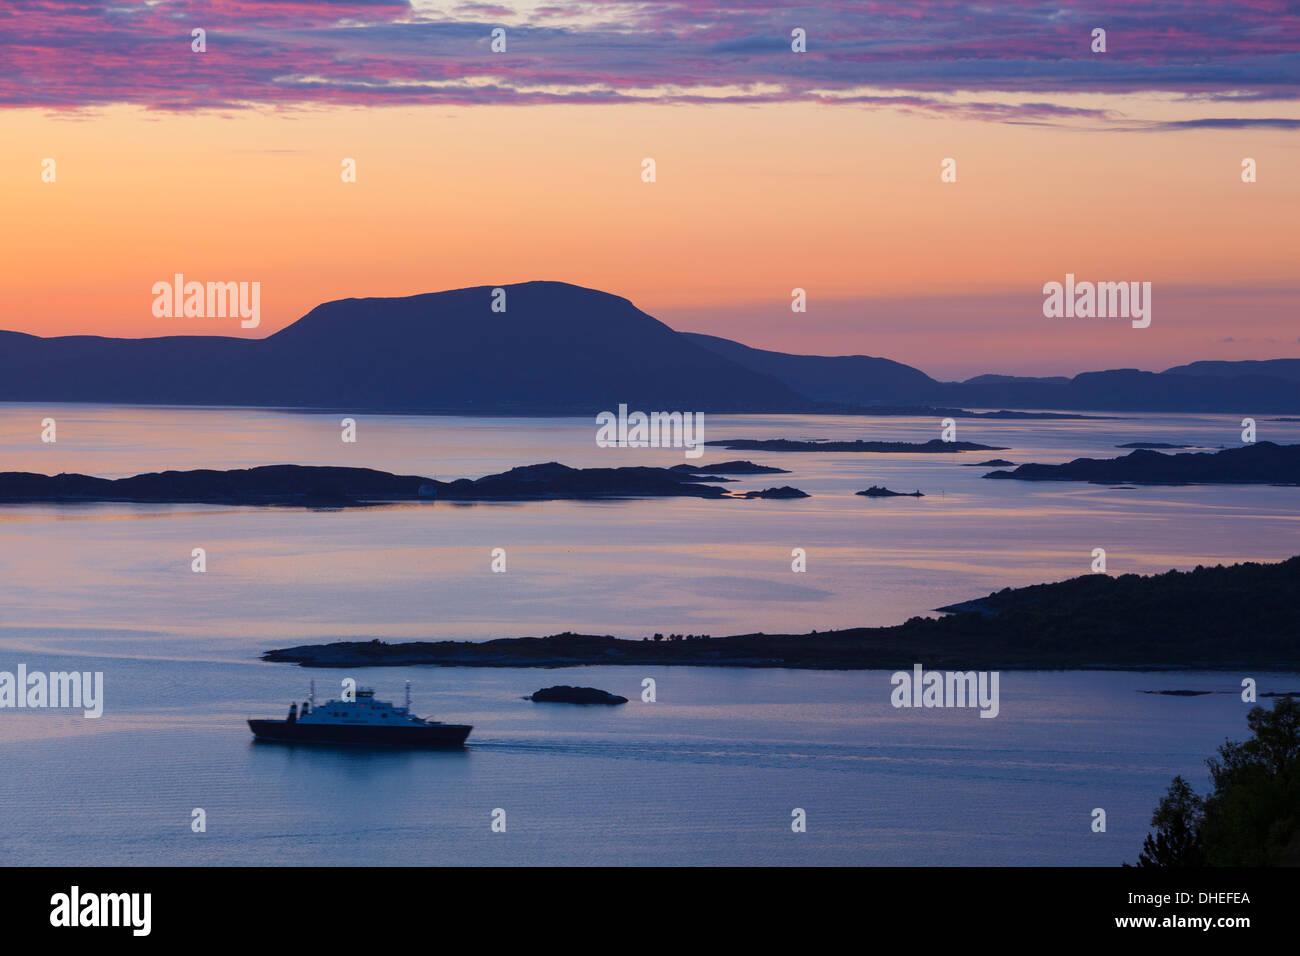 Sunset over Giske Island, Sunnmore, More og Romsdal, Norway, Scandinavia, Europe - Stock Image